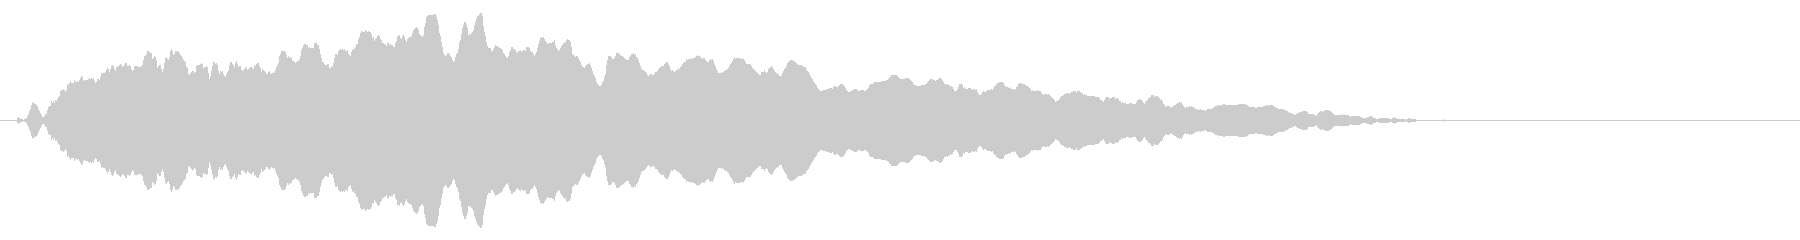 スライド笛/下降/ピューッ/カートゥーンの未再生の波形